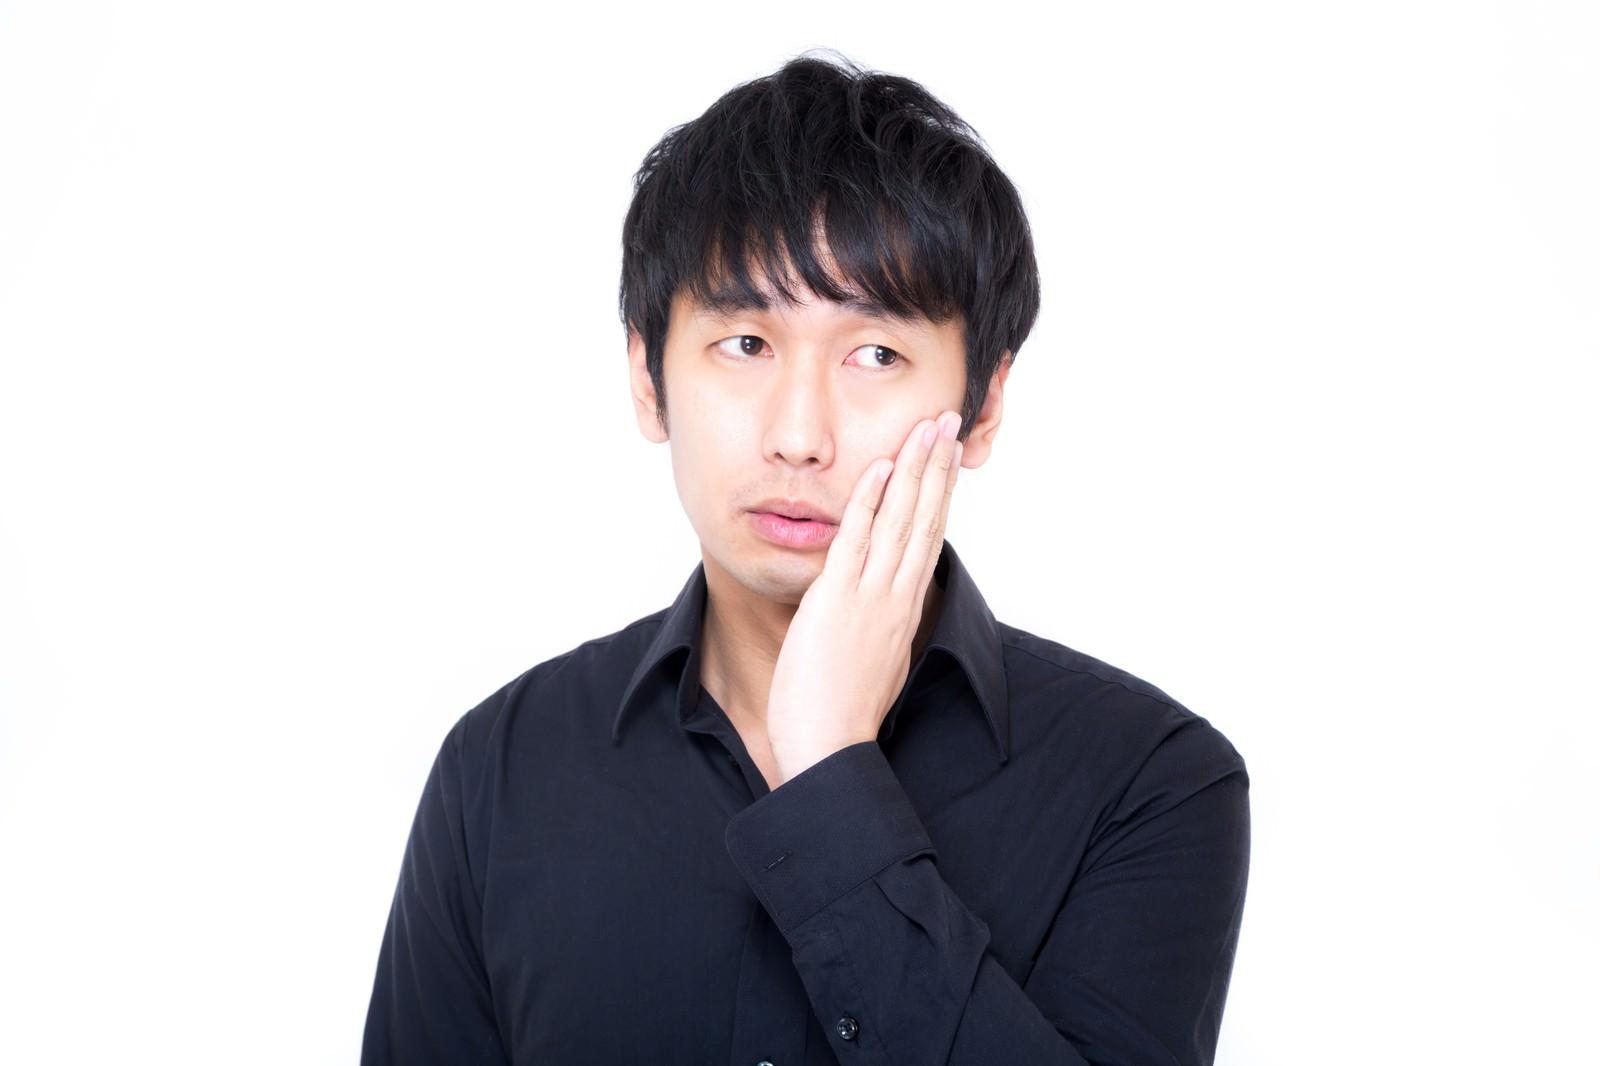 「視線を外し虫歯ポーズでキメるセミプロモデル」の写真[モデル:大川竜弥]